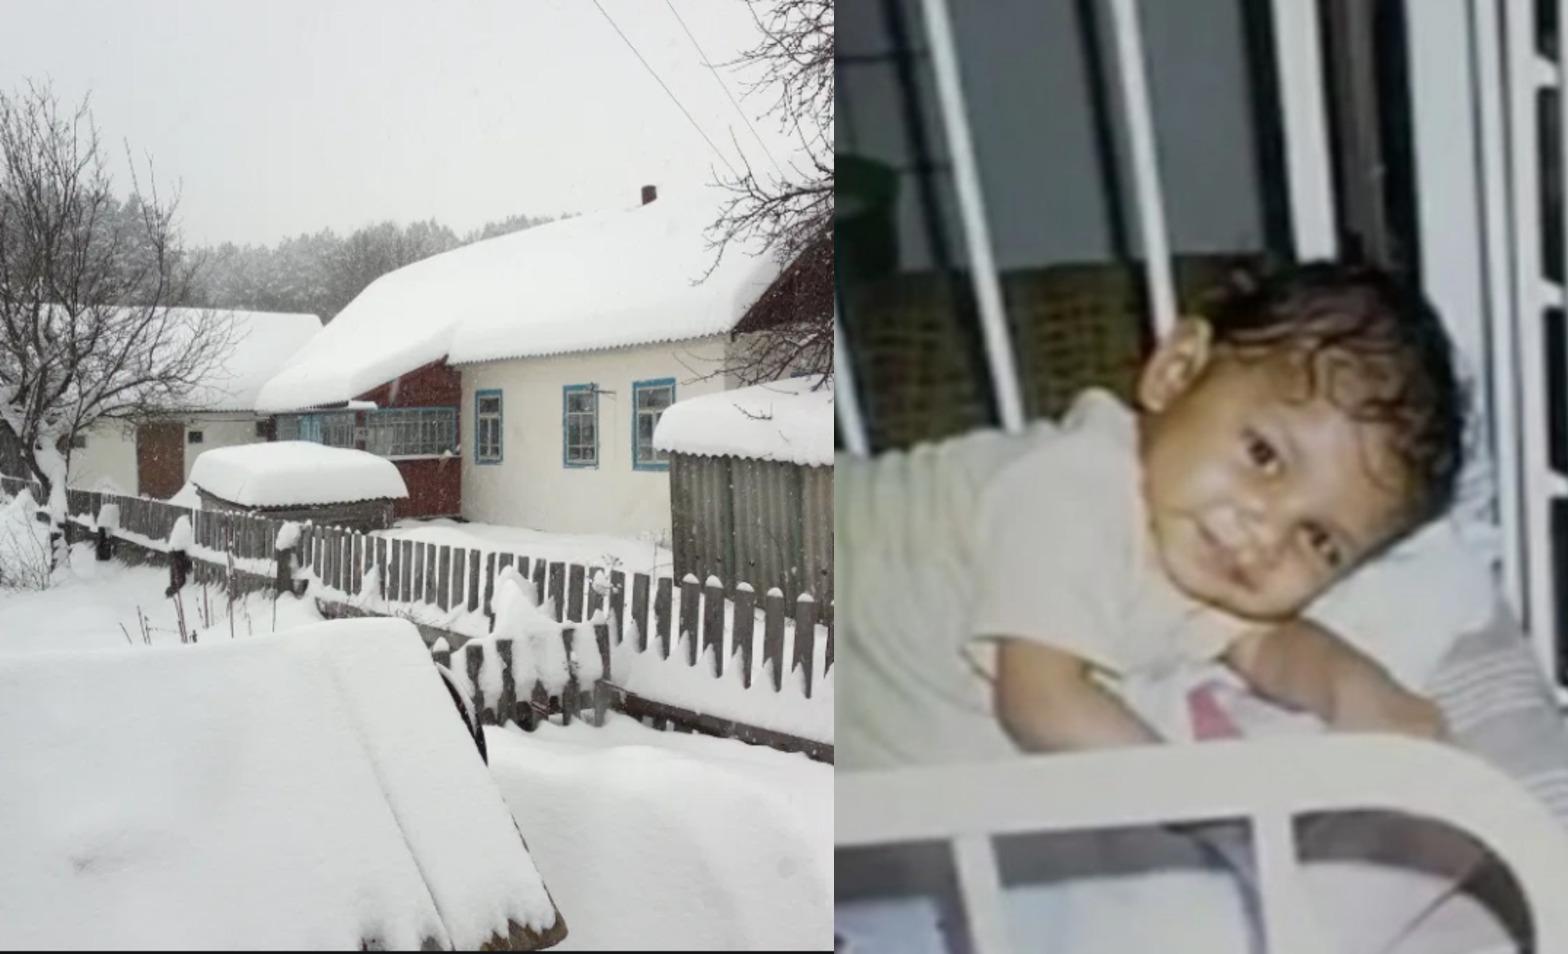 Залишила в покинутому будинку, а через 10 років захотіла зустрітися: як склалася доля дівчинки, яку кинула рідна мати?